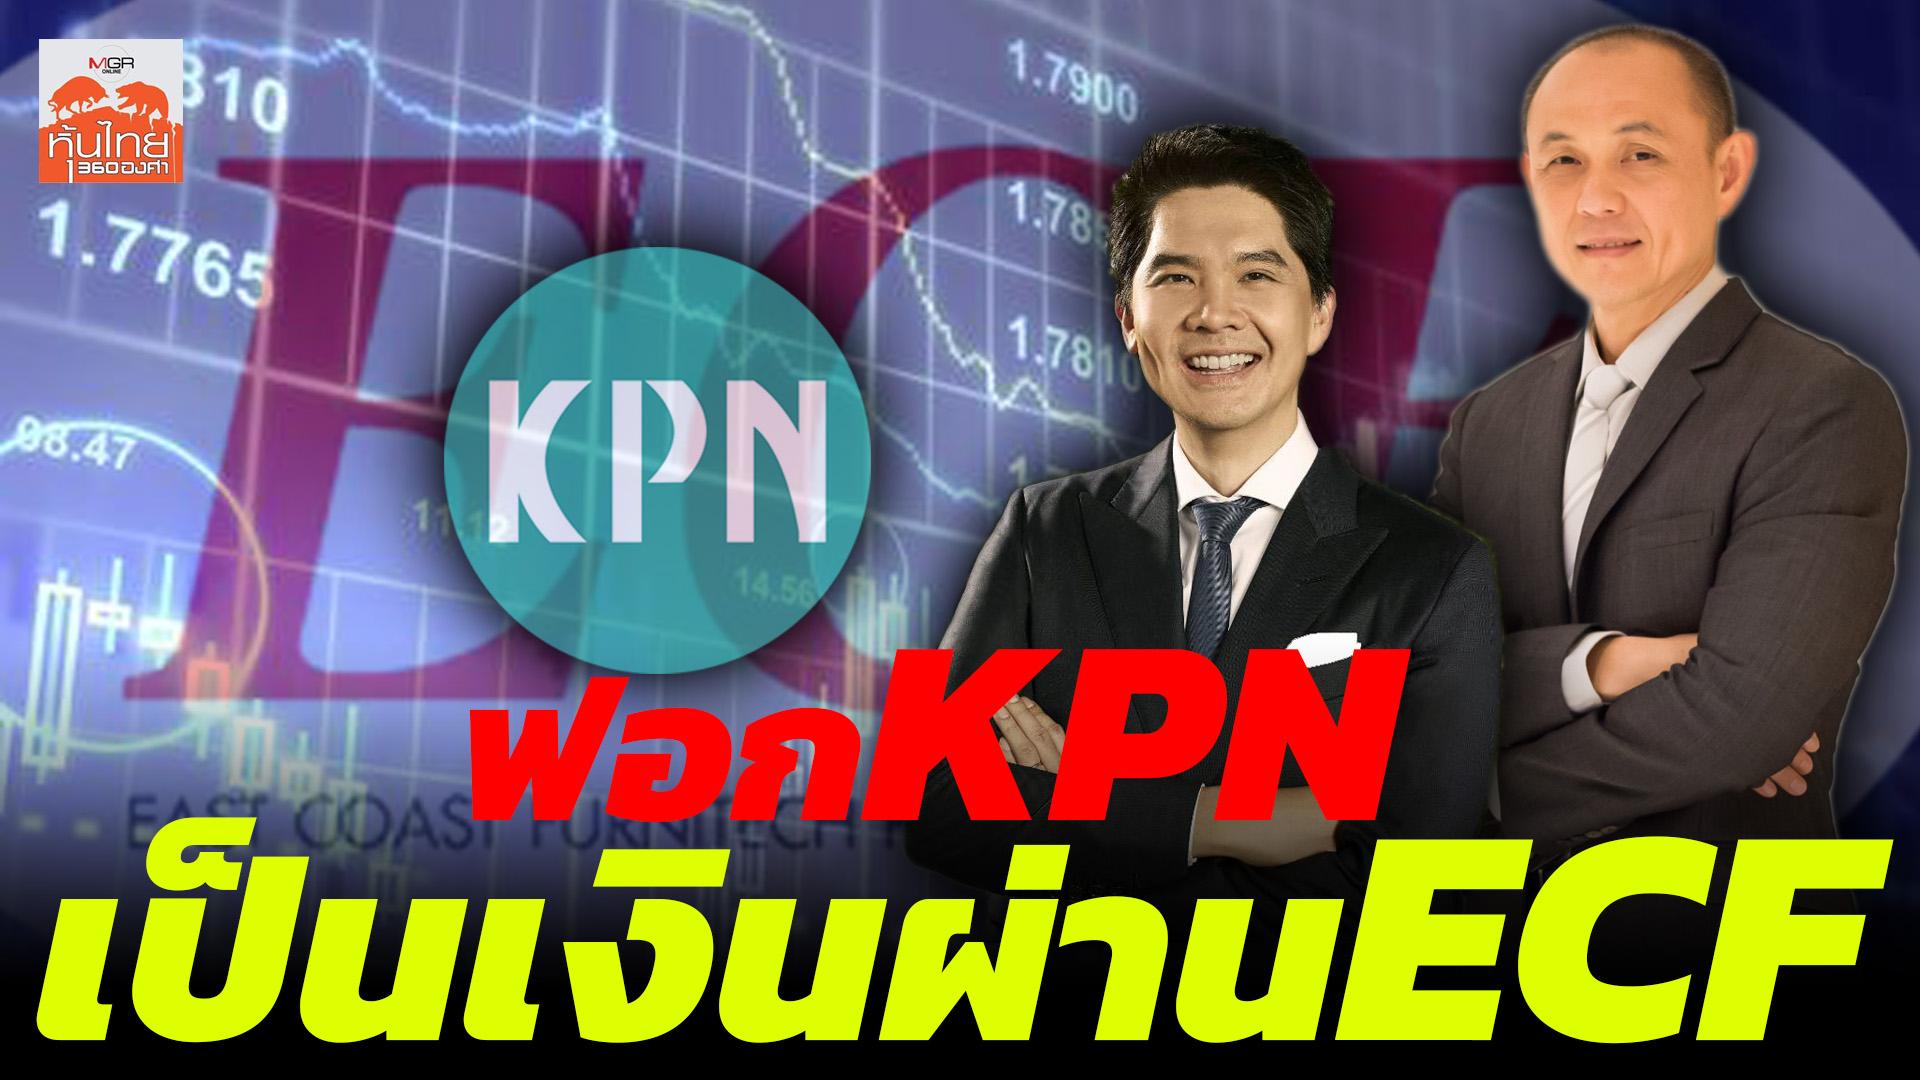 ฟอก KPN เป็นเงินผ่าน ECF (1) / สุนันท์ ศรีจันทรา